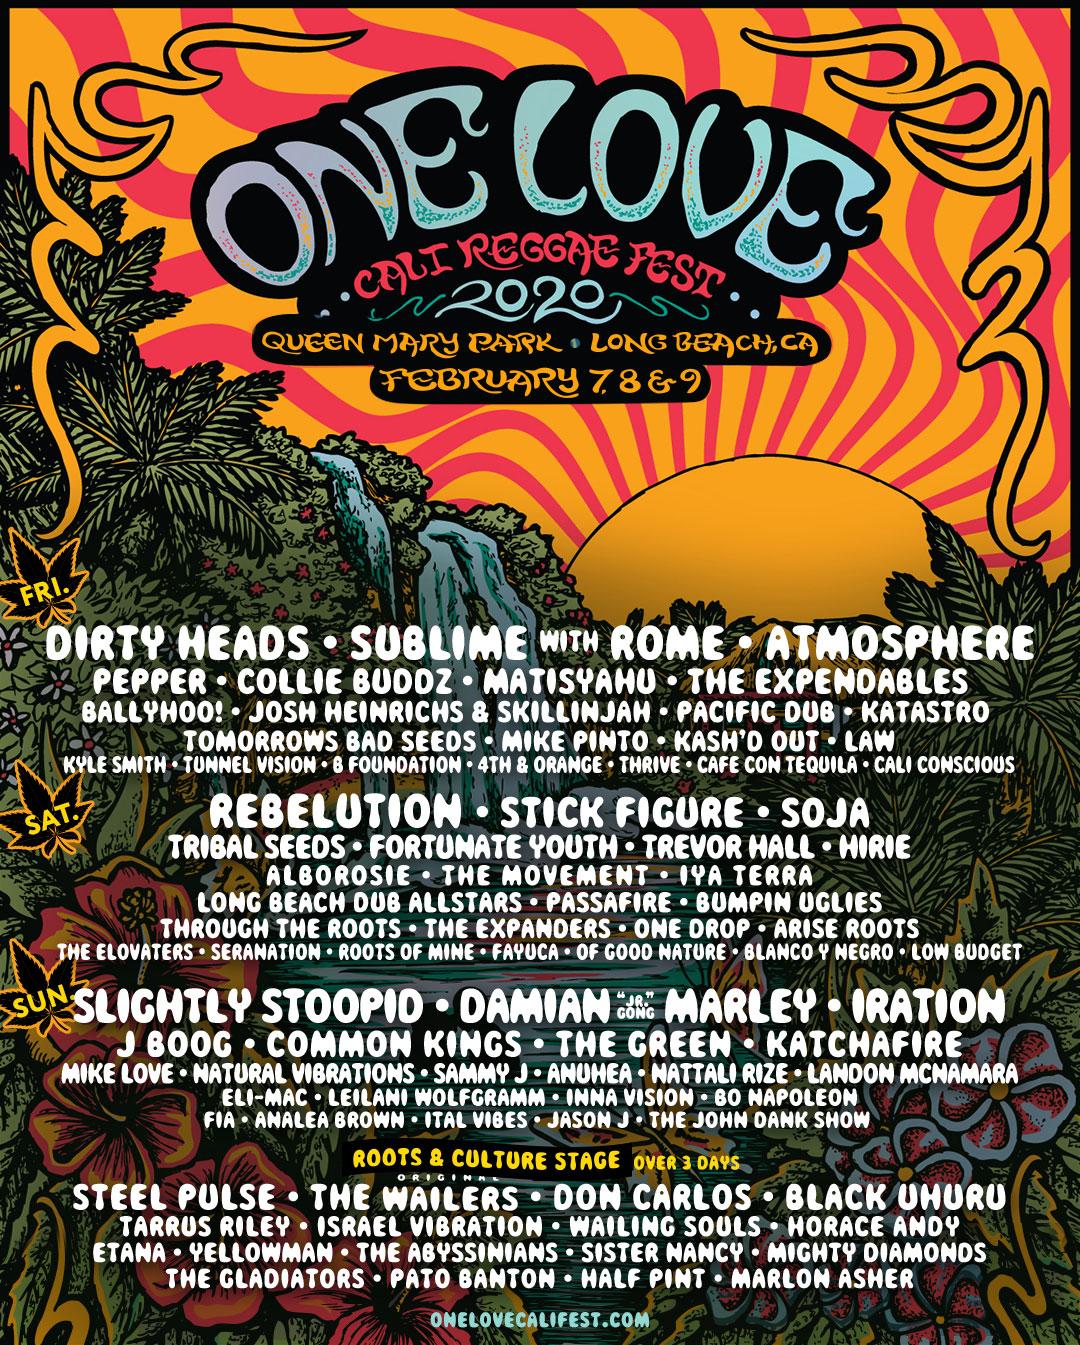 One Love Cali Reggae Fest 2020 poster